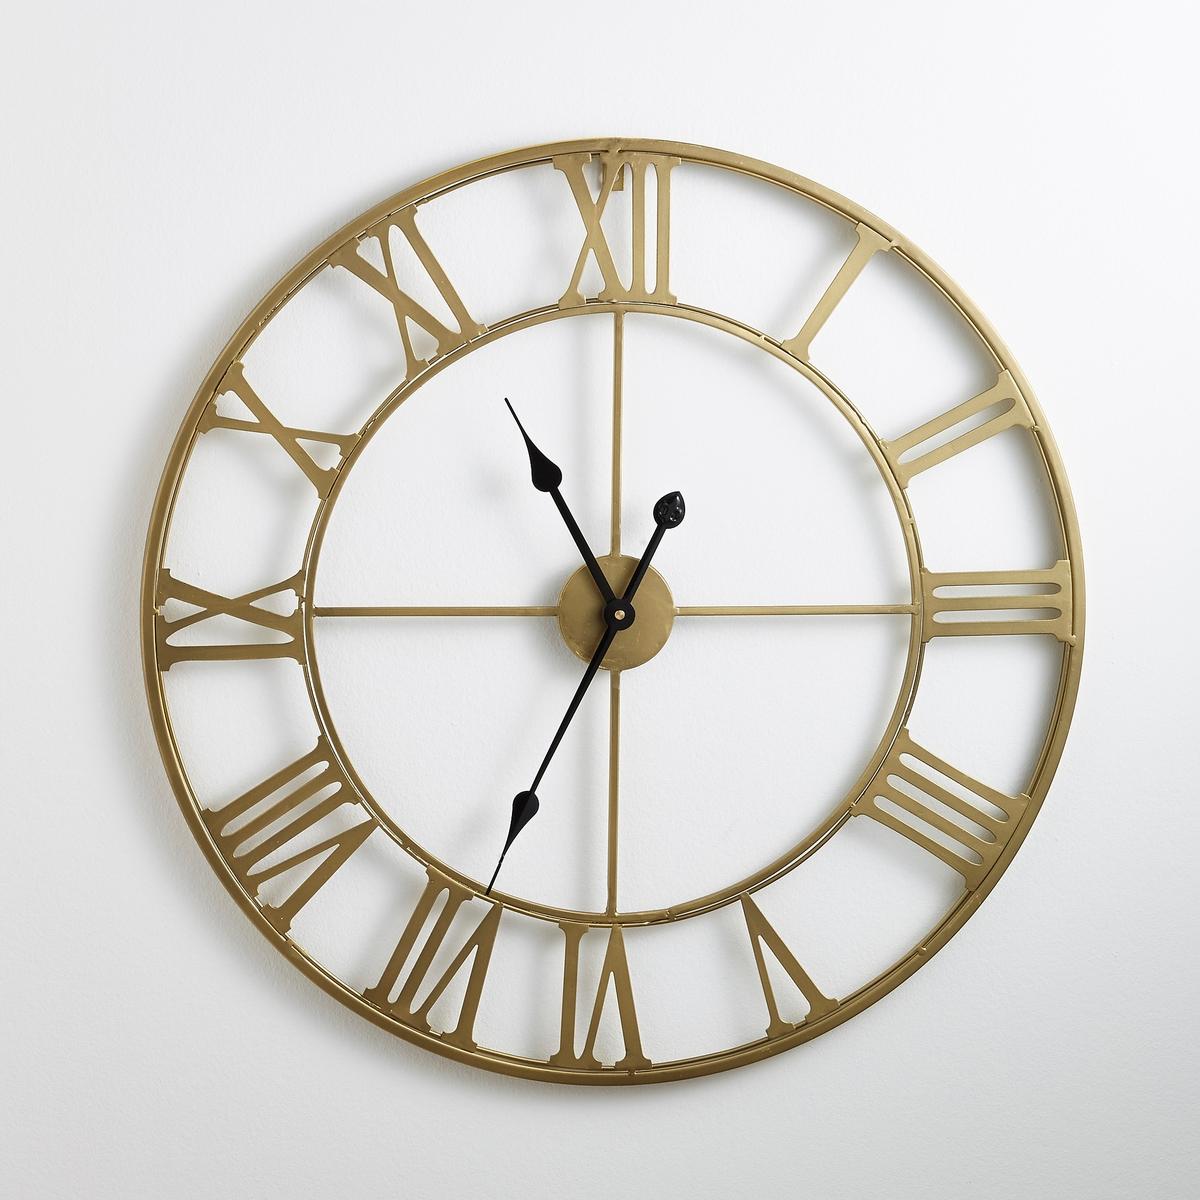 Настенные часы металлические ZivosОписание часов  Zivos:из металла, покрытого эпоксидной краской цвета латуни.Кварцевый механизм.Работают от 1 батарейки AA LRd на 1,5В, в комплект не входит.Размеры:Диаметр: 70 см.<br><br>Цвет: латунь